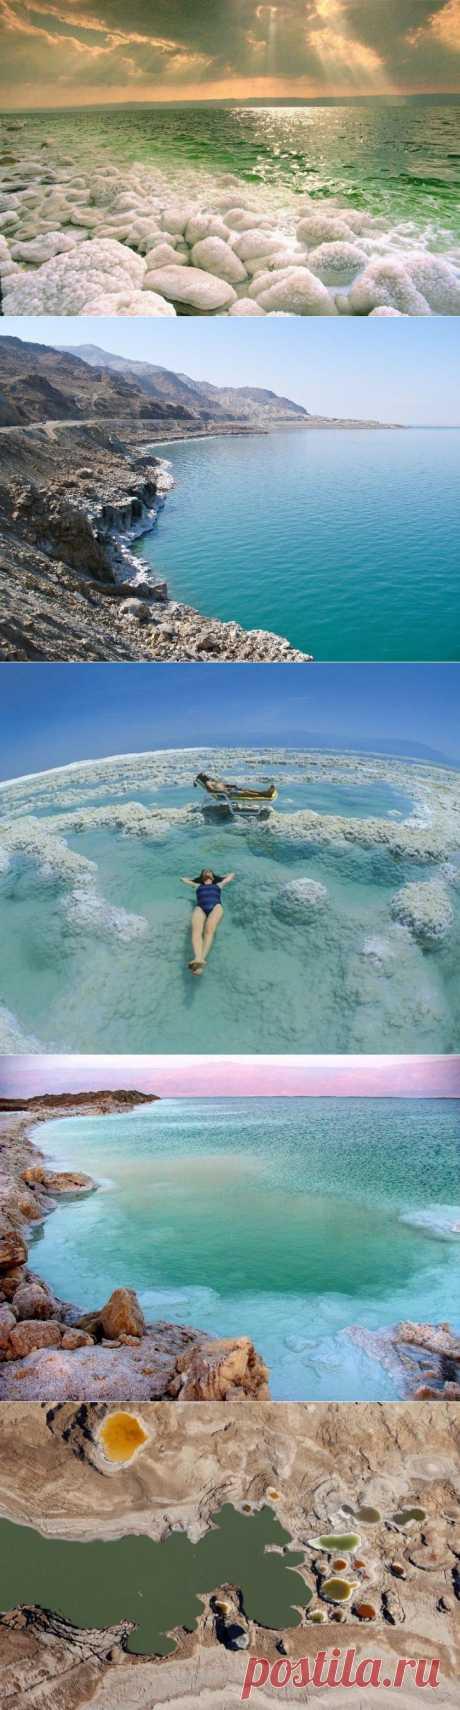 (+1) тема - Интересности о Мертвом Море | УДИВИТЕЛЬНОЕ